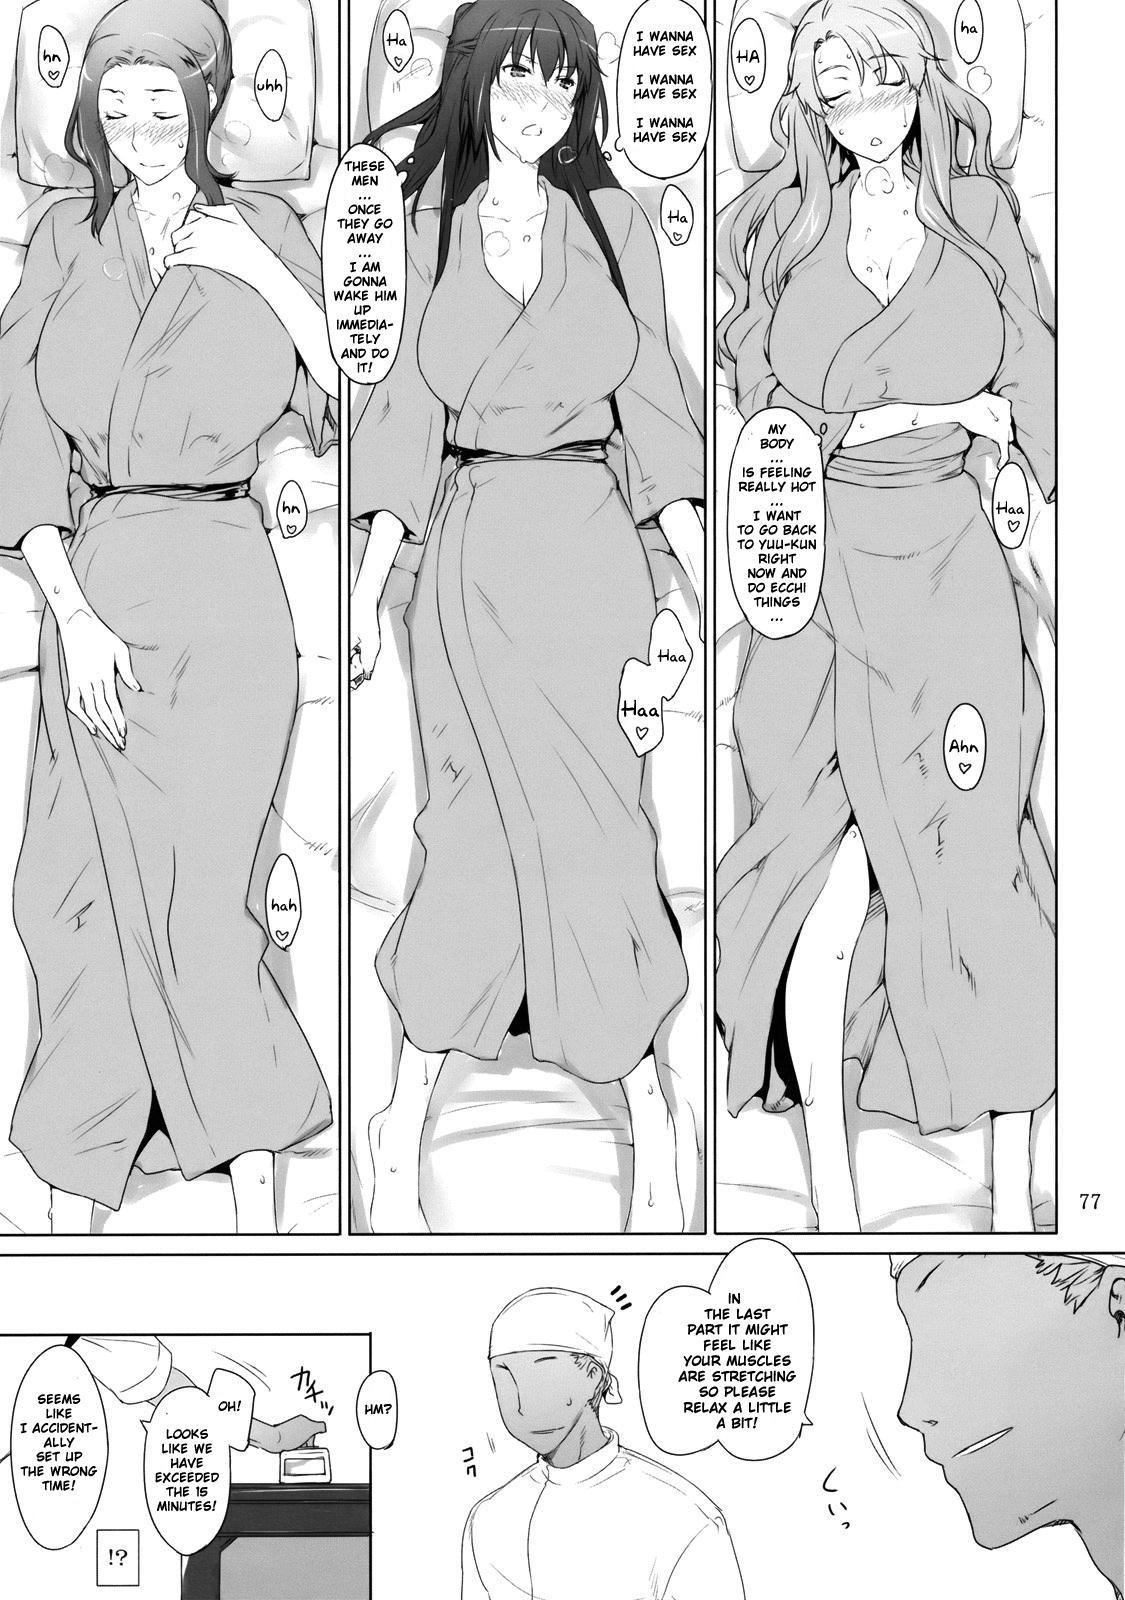 (C81) [MTSP (Jin)] Tachibana-san-chi no Dansei Jijou | Tachibana-san's Circumstances With a Man [English] {doujin-moe.us} 75